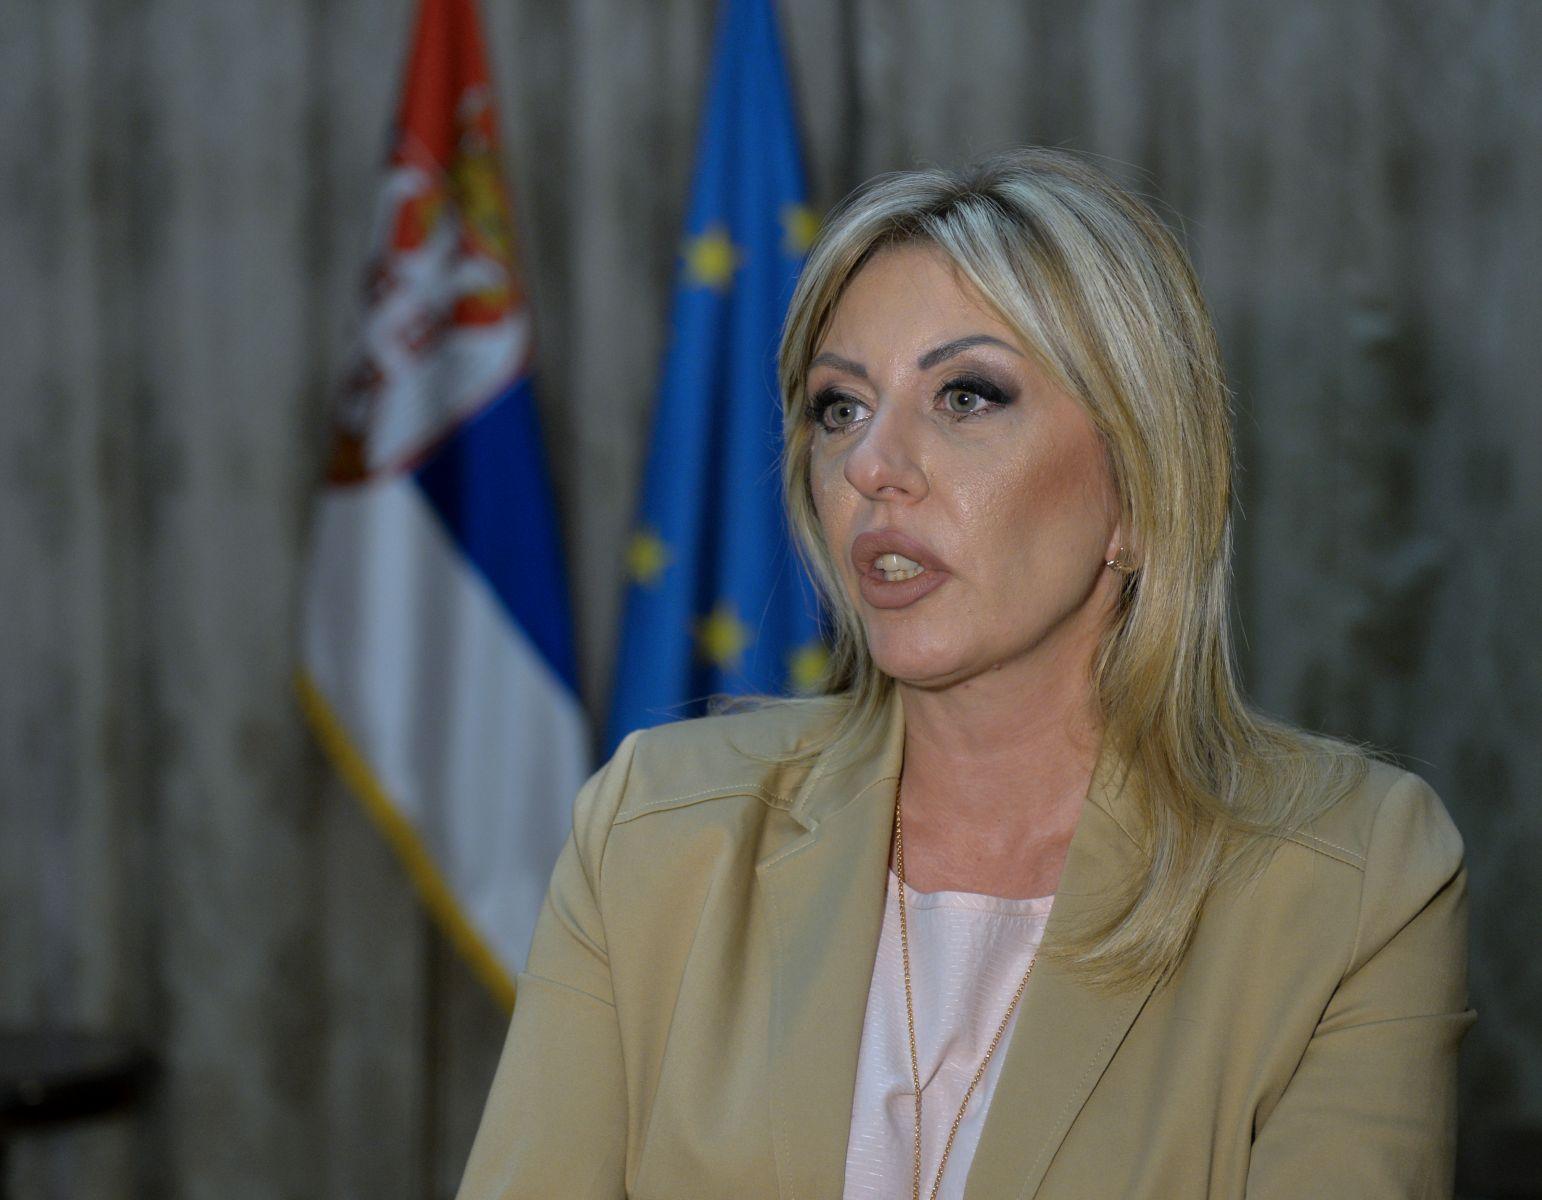 Ј. Јоксимовић: Појачано интересовање САД за евроинтеграције региона